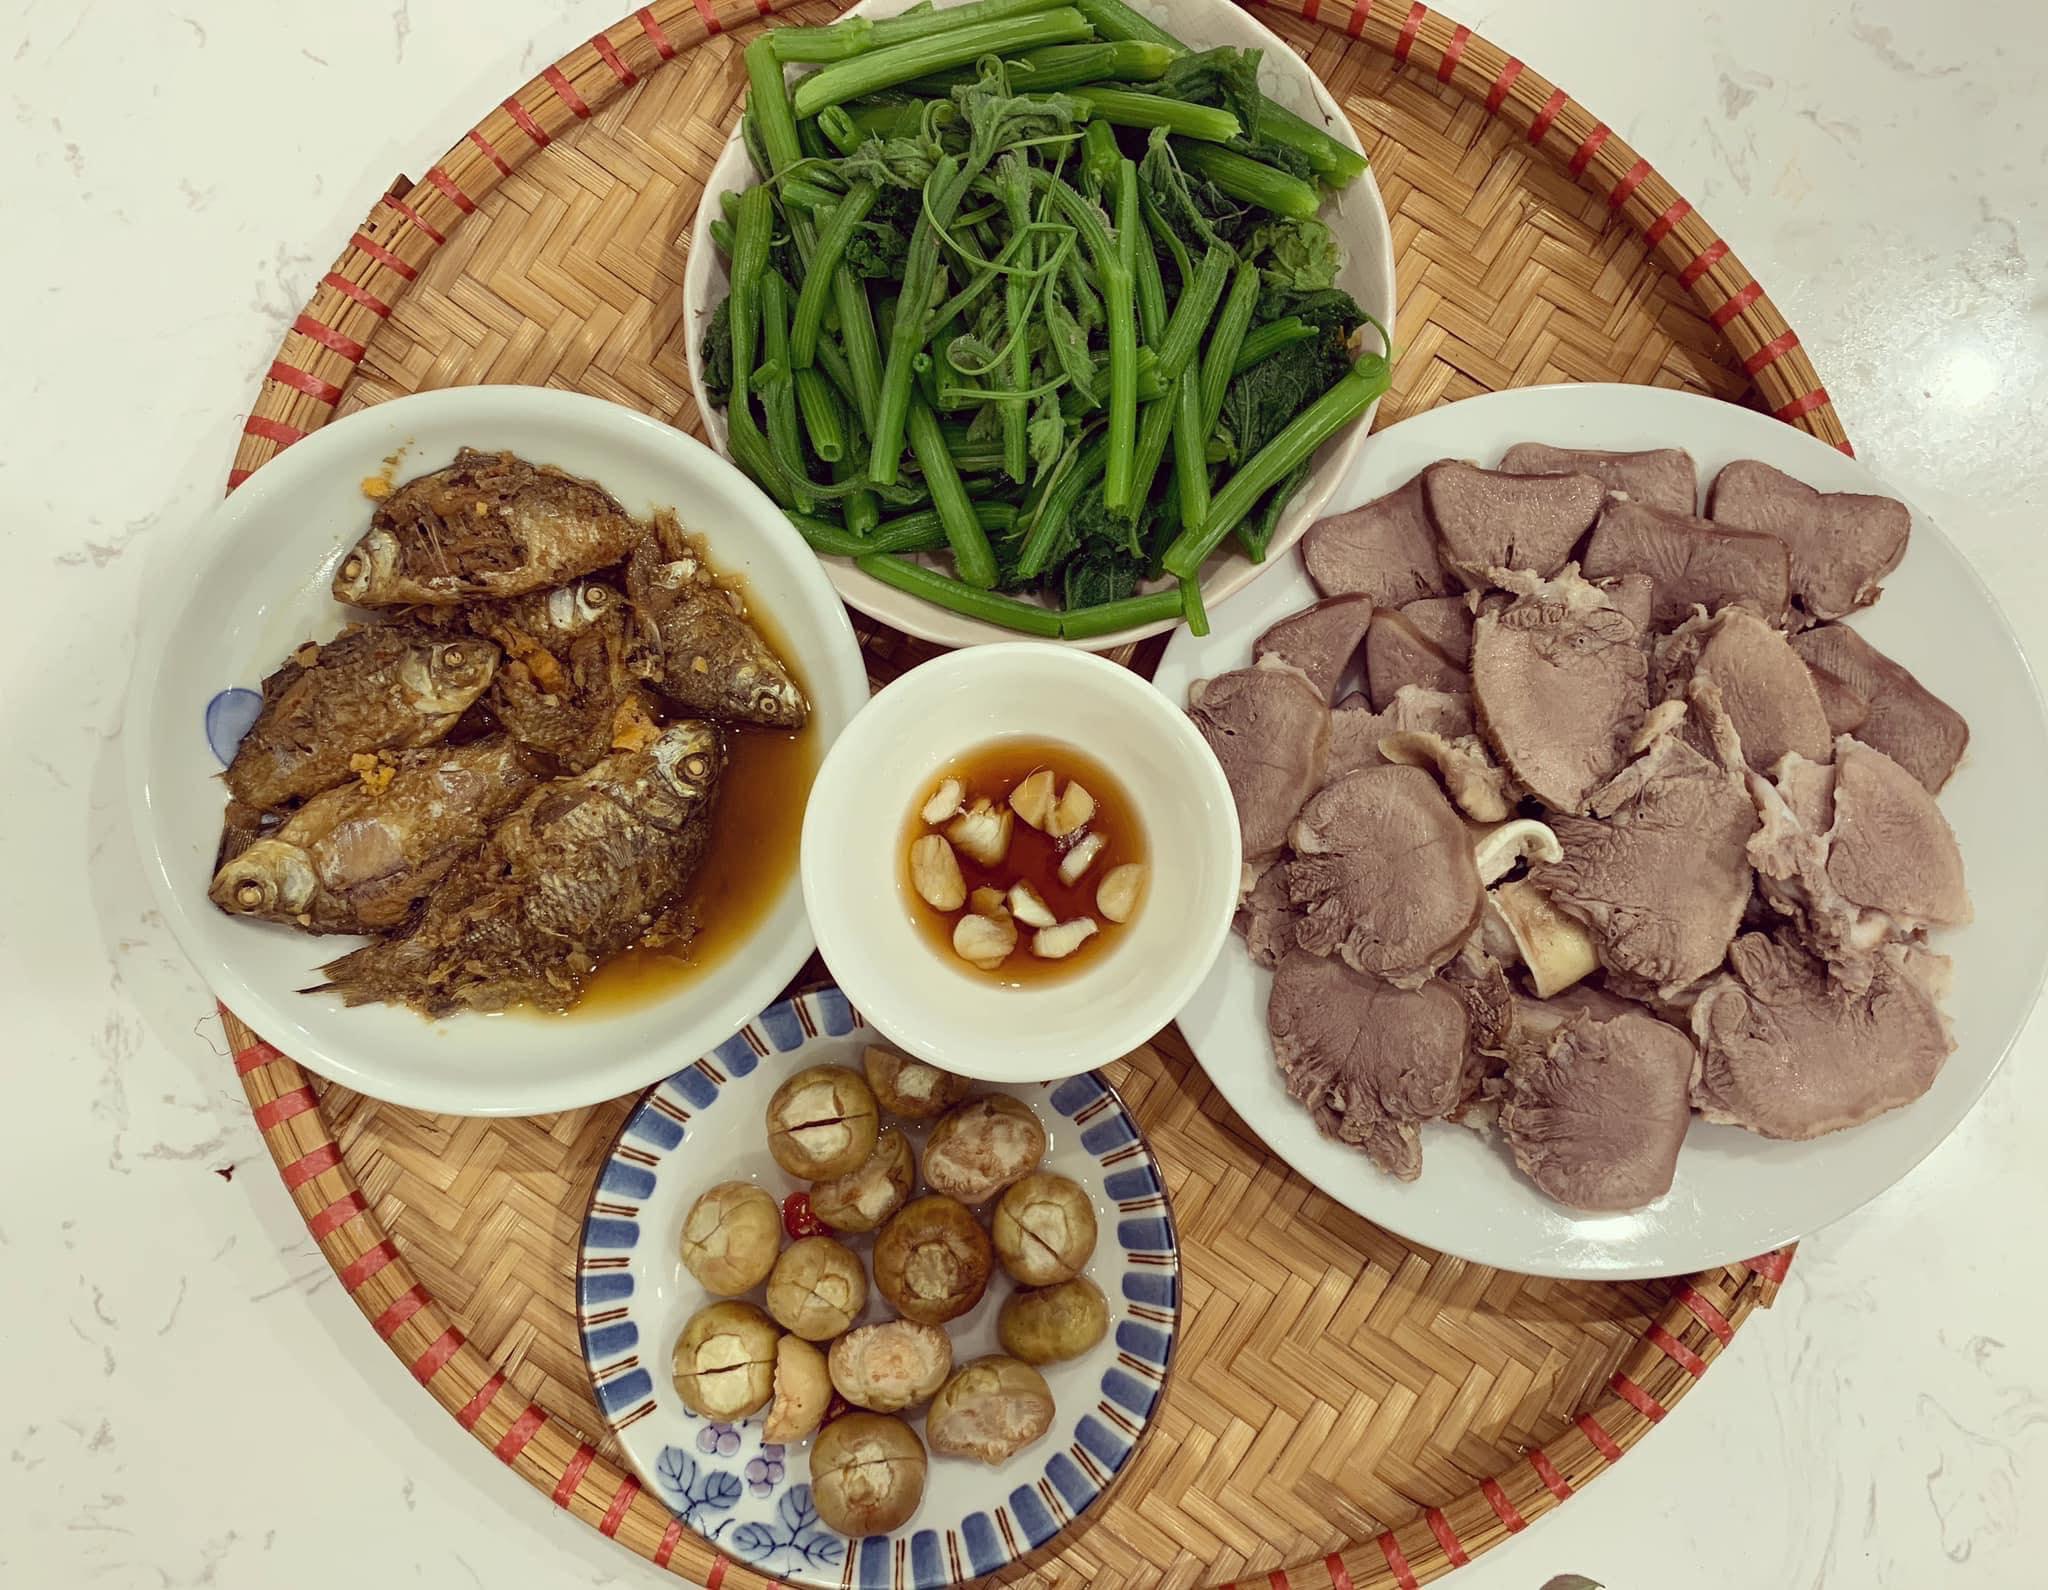 Chi phí chỉ từ 100k nhưng mỗi bữa cơm của bà nội trợ Hà Nội đều tươm tất đủ món thơm ngon, bổ dưỡng cho mọi thành viên gia đình - Ảnh 11.